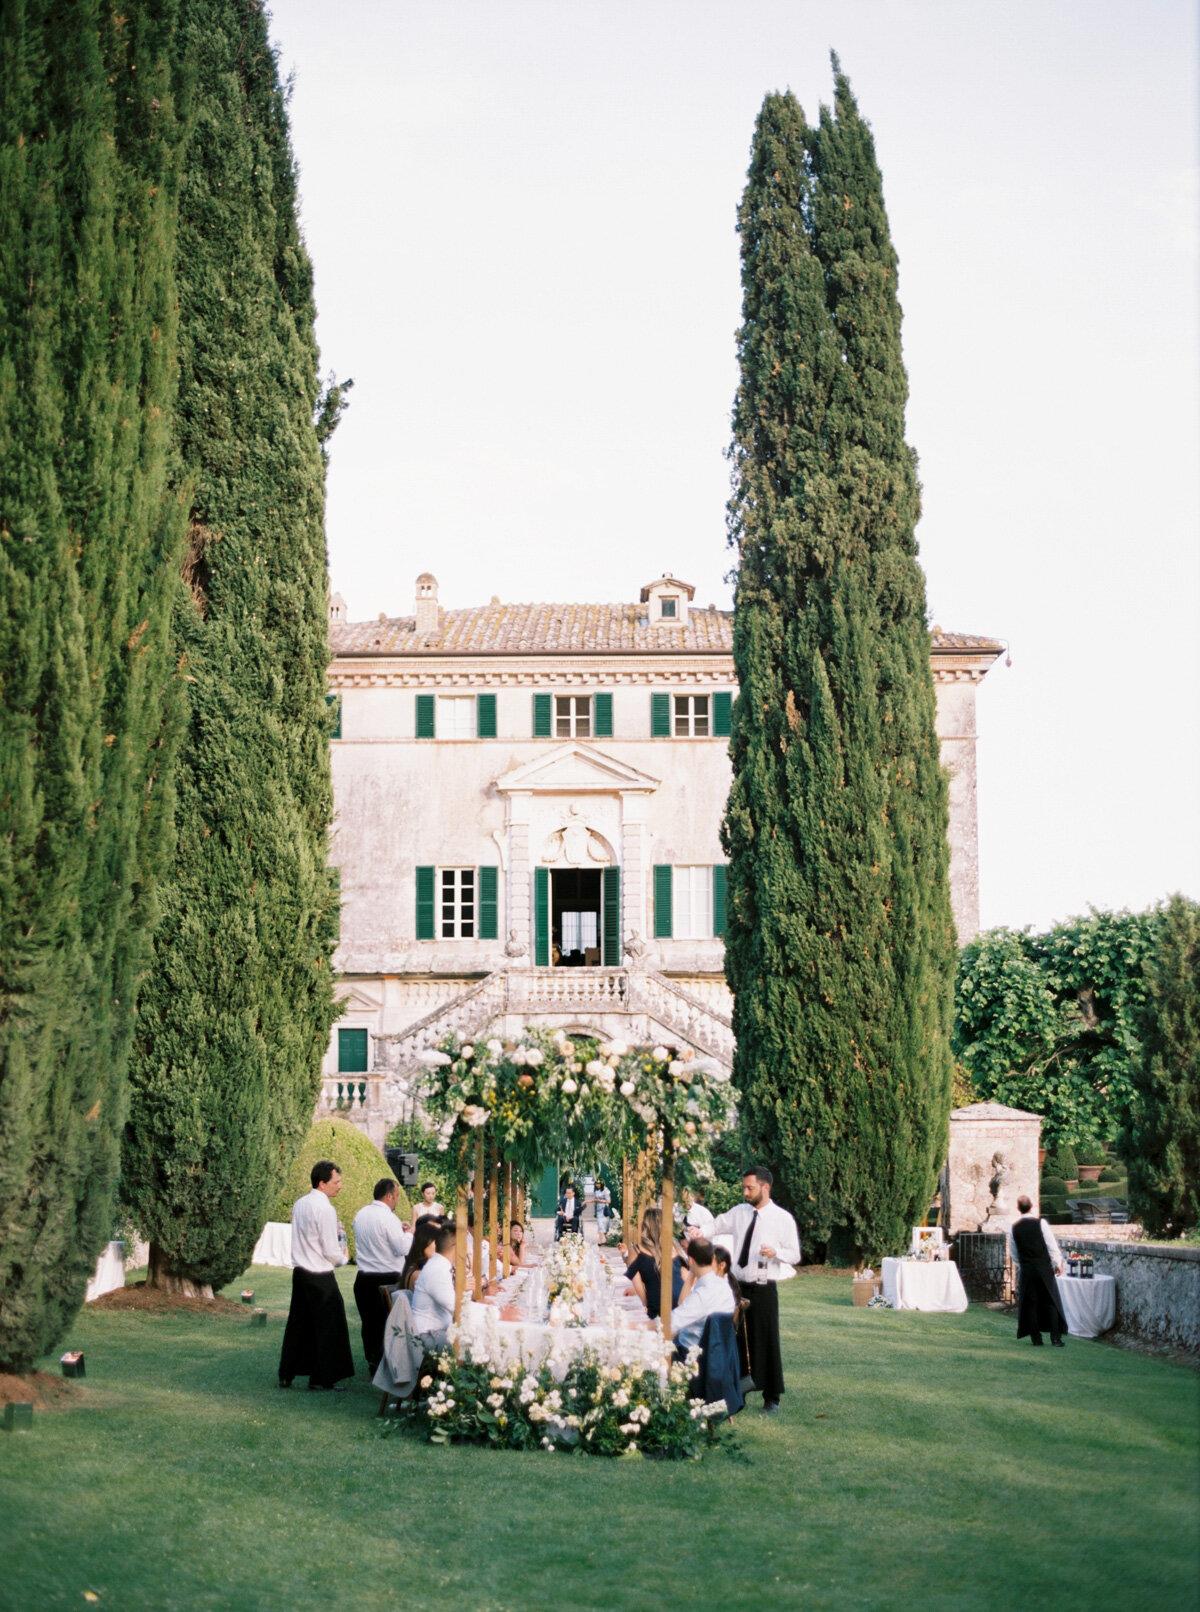 Villa-Cetinale-Tuscany-Katie-Grant-destination-wedding (105 of 115).jpg